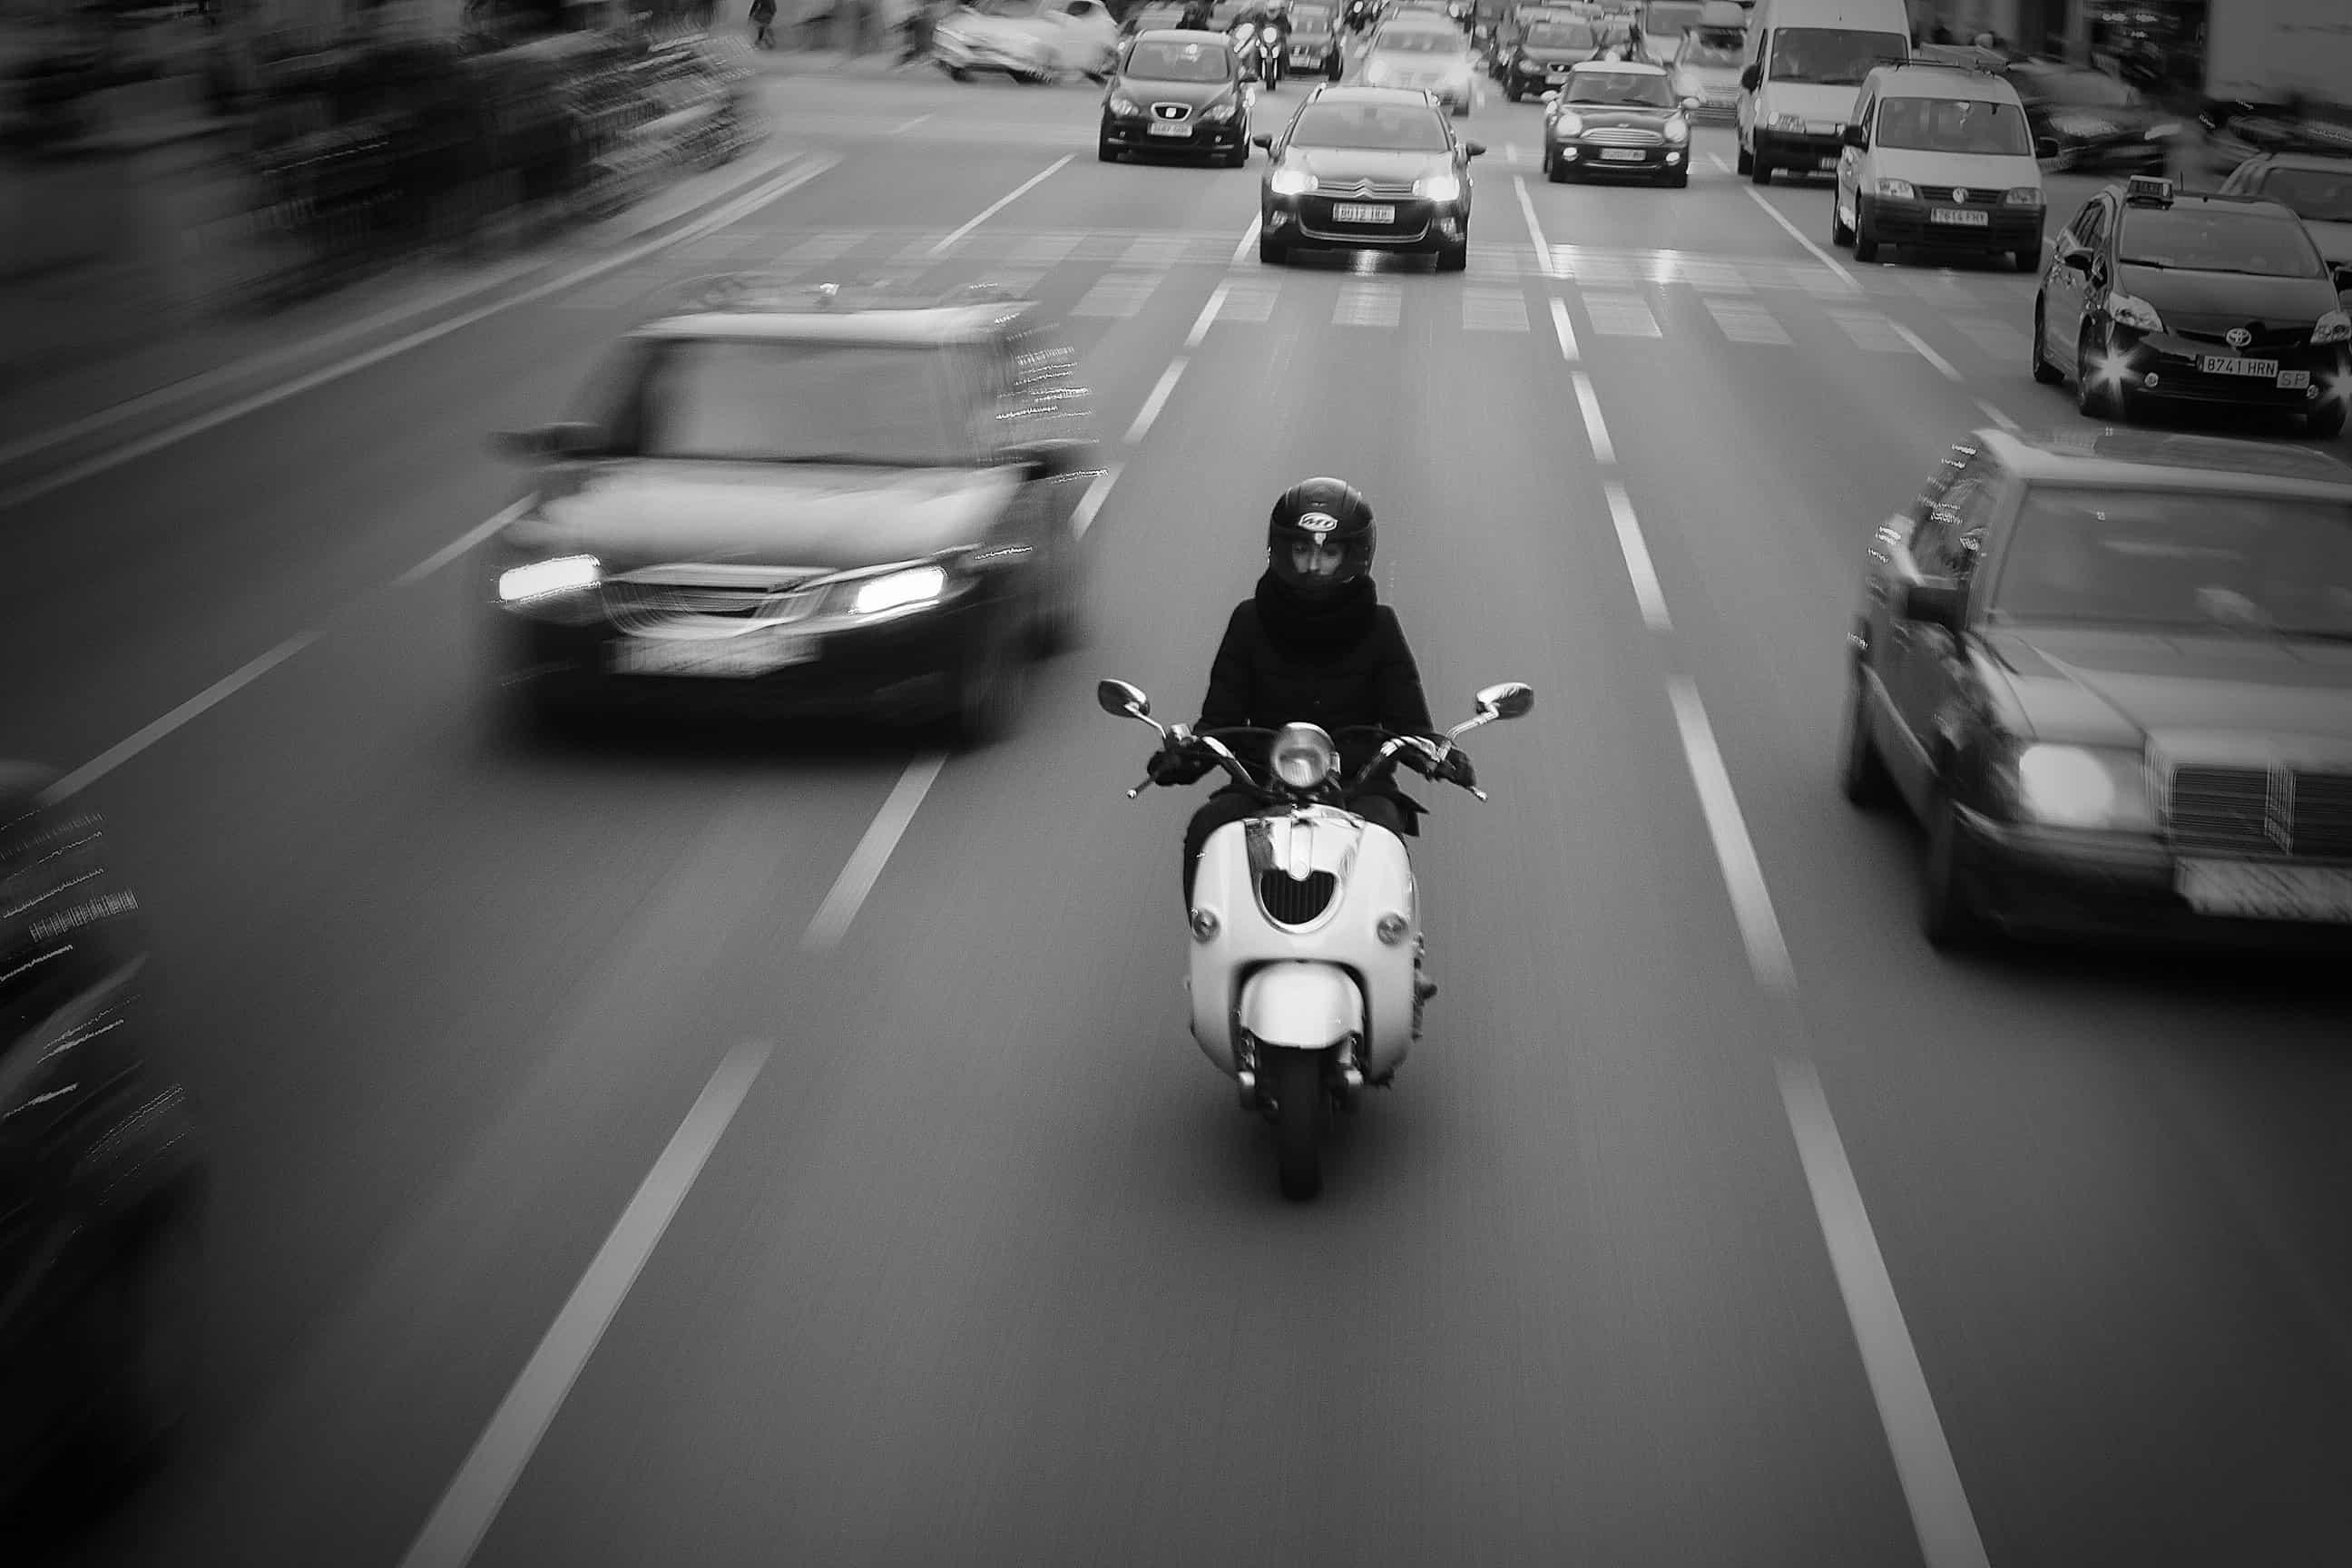 action-asphalt-black-and-white